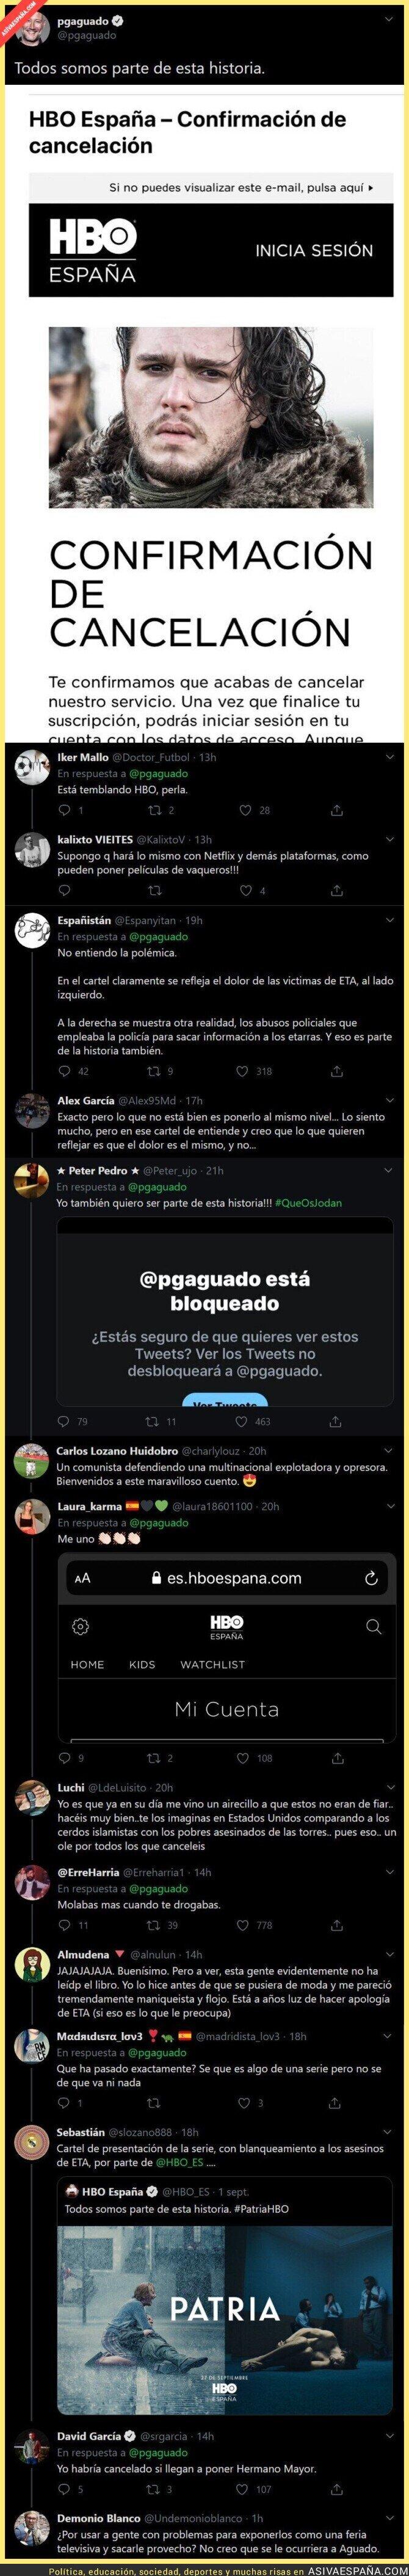 352518 - Las respuestas a Pedro García Aguado tras anunciar que se da de baja de HBO por el 'polémico' cartel de la serie PATRIA